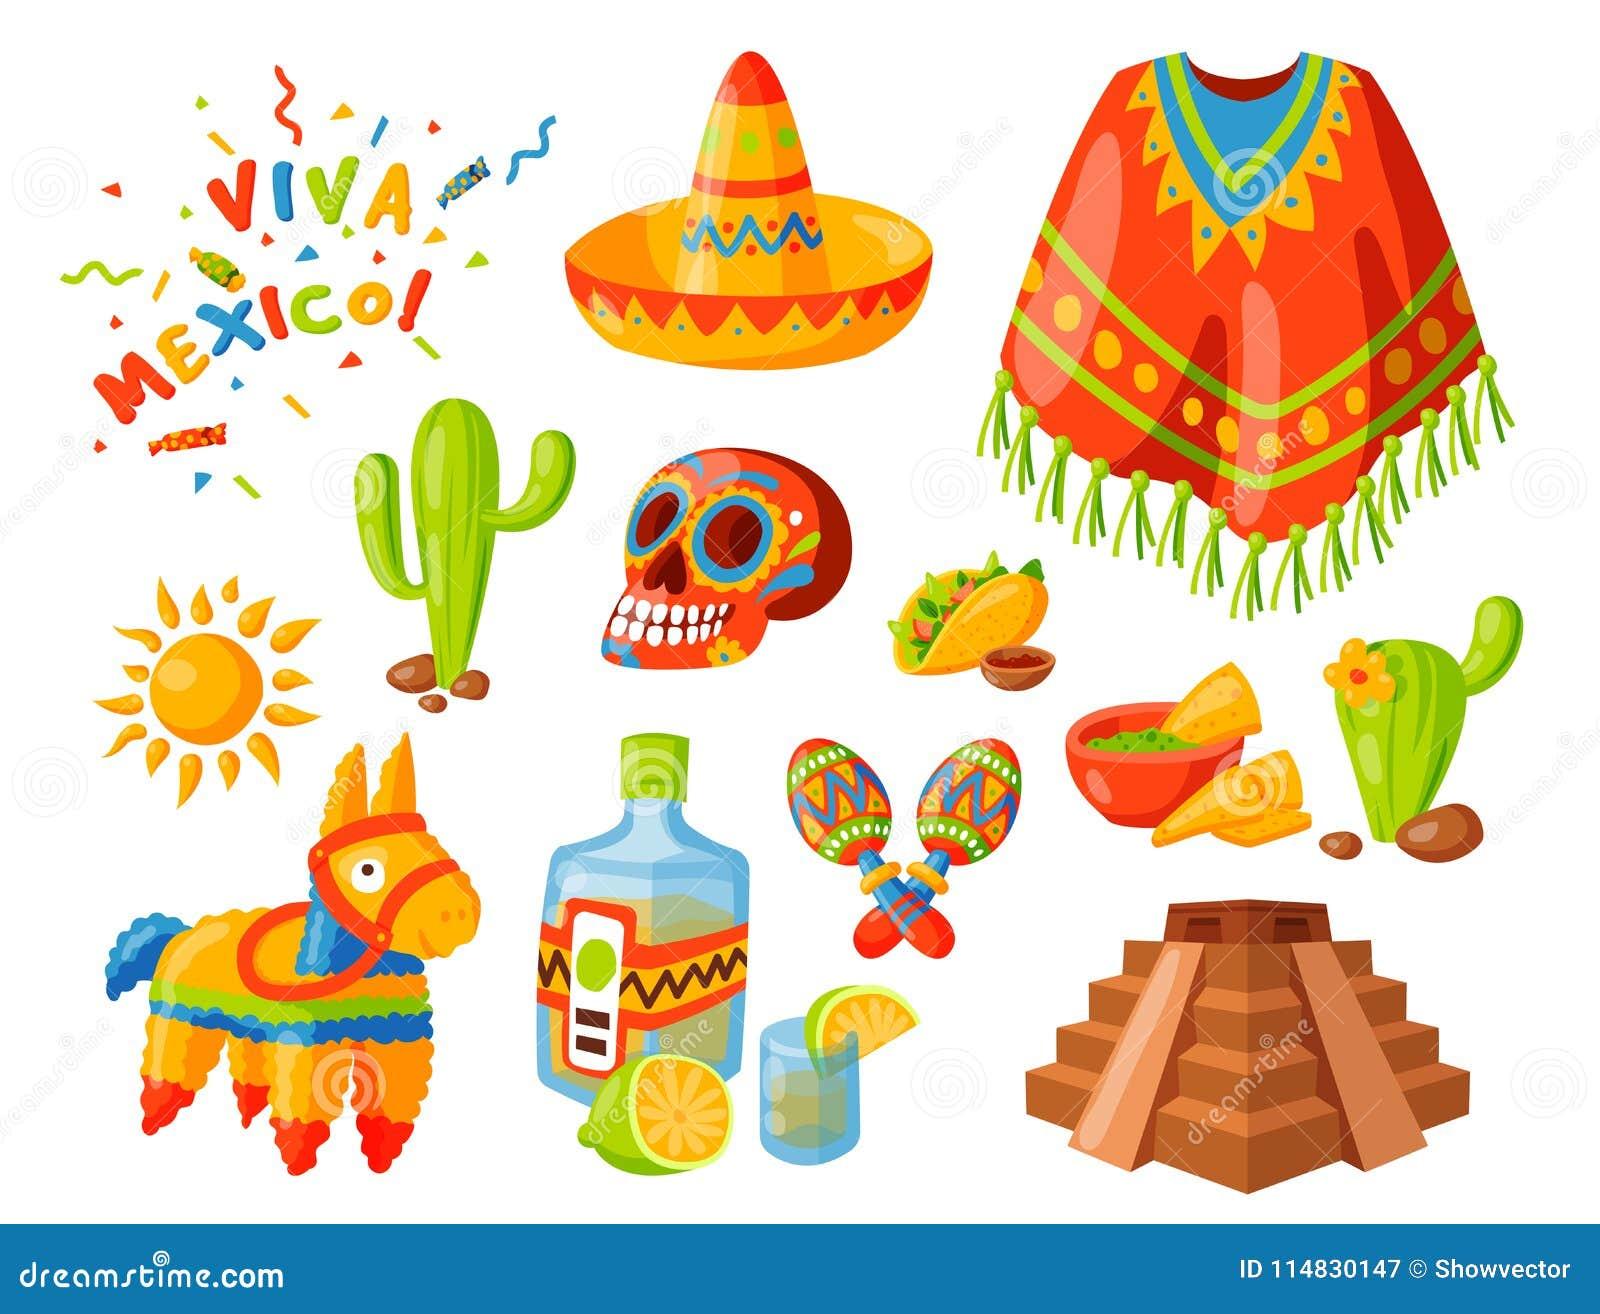 Tequilaalkoholfiestagetränkethnie aztekischer maraca Sombrero Reise der Mexiko-Ikonenvektorillustration traditionelle grafische